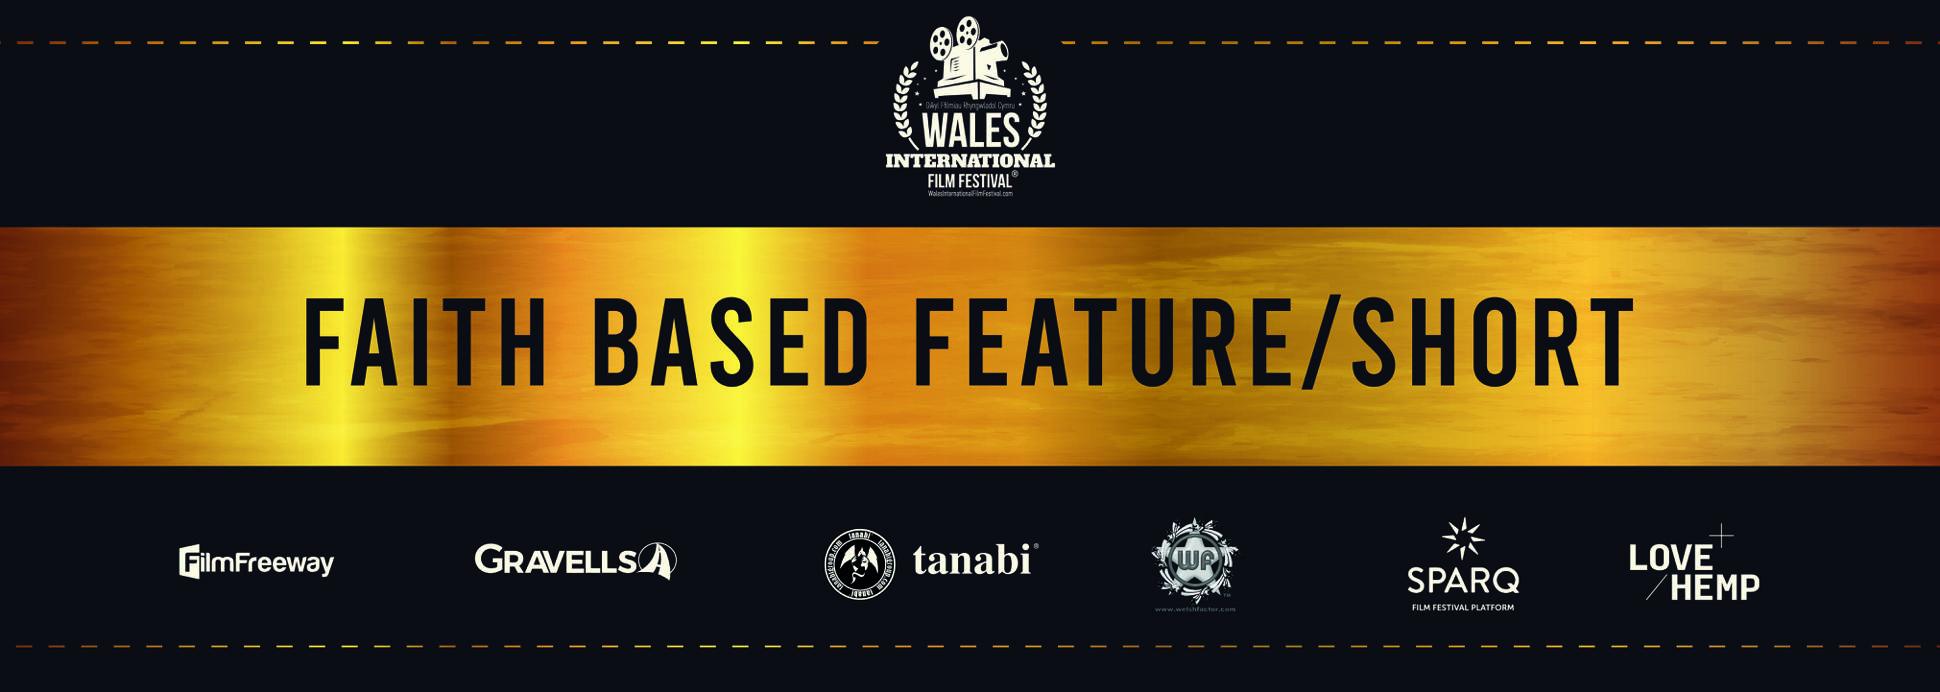 Faith Based Feature/Short Film